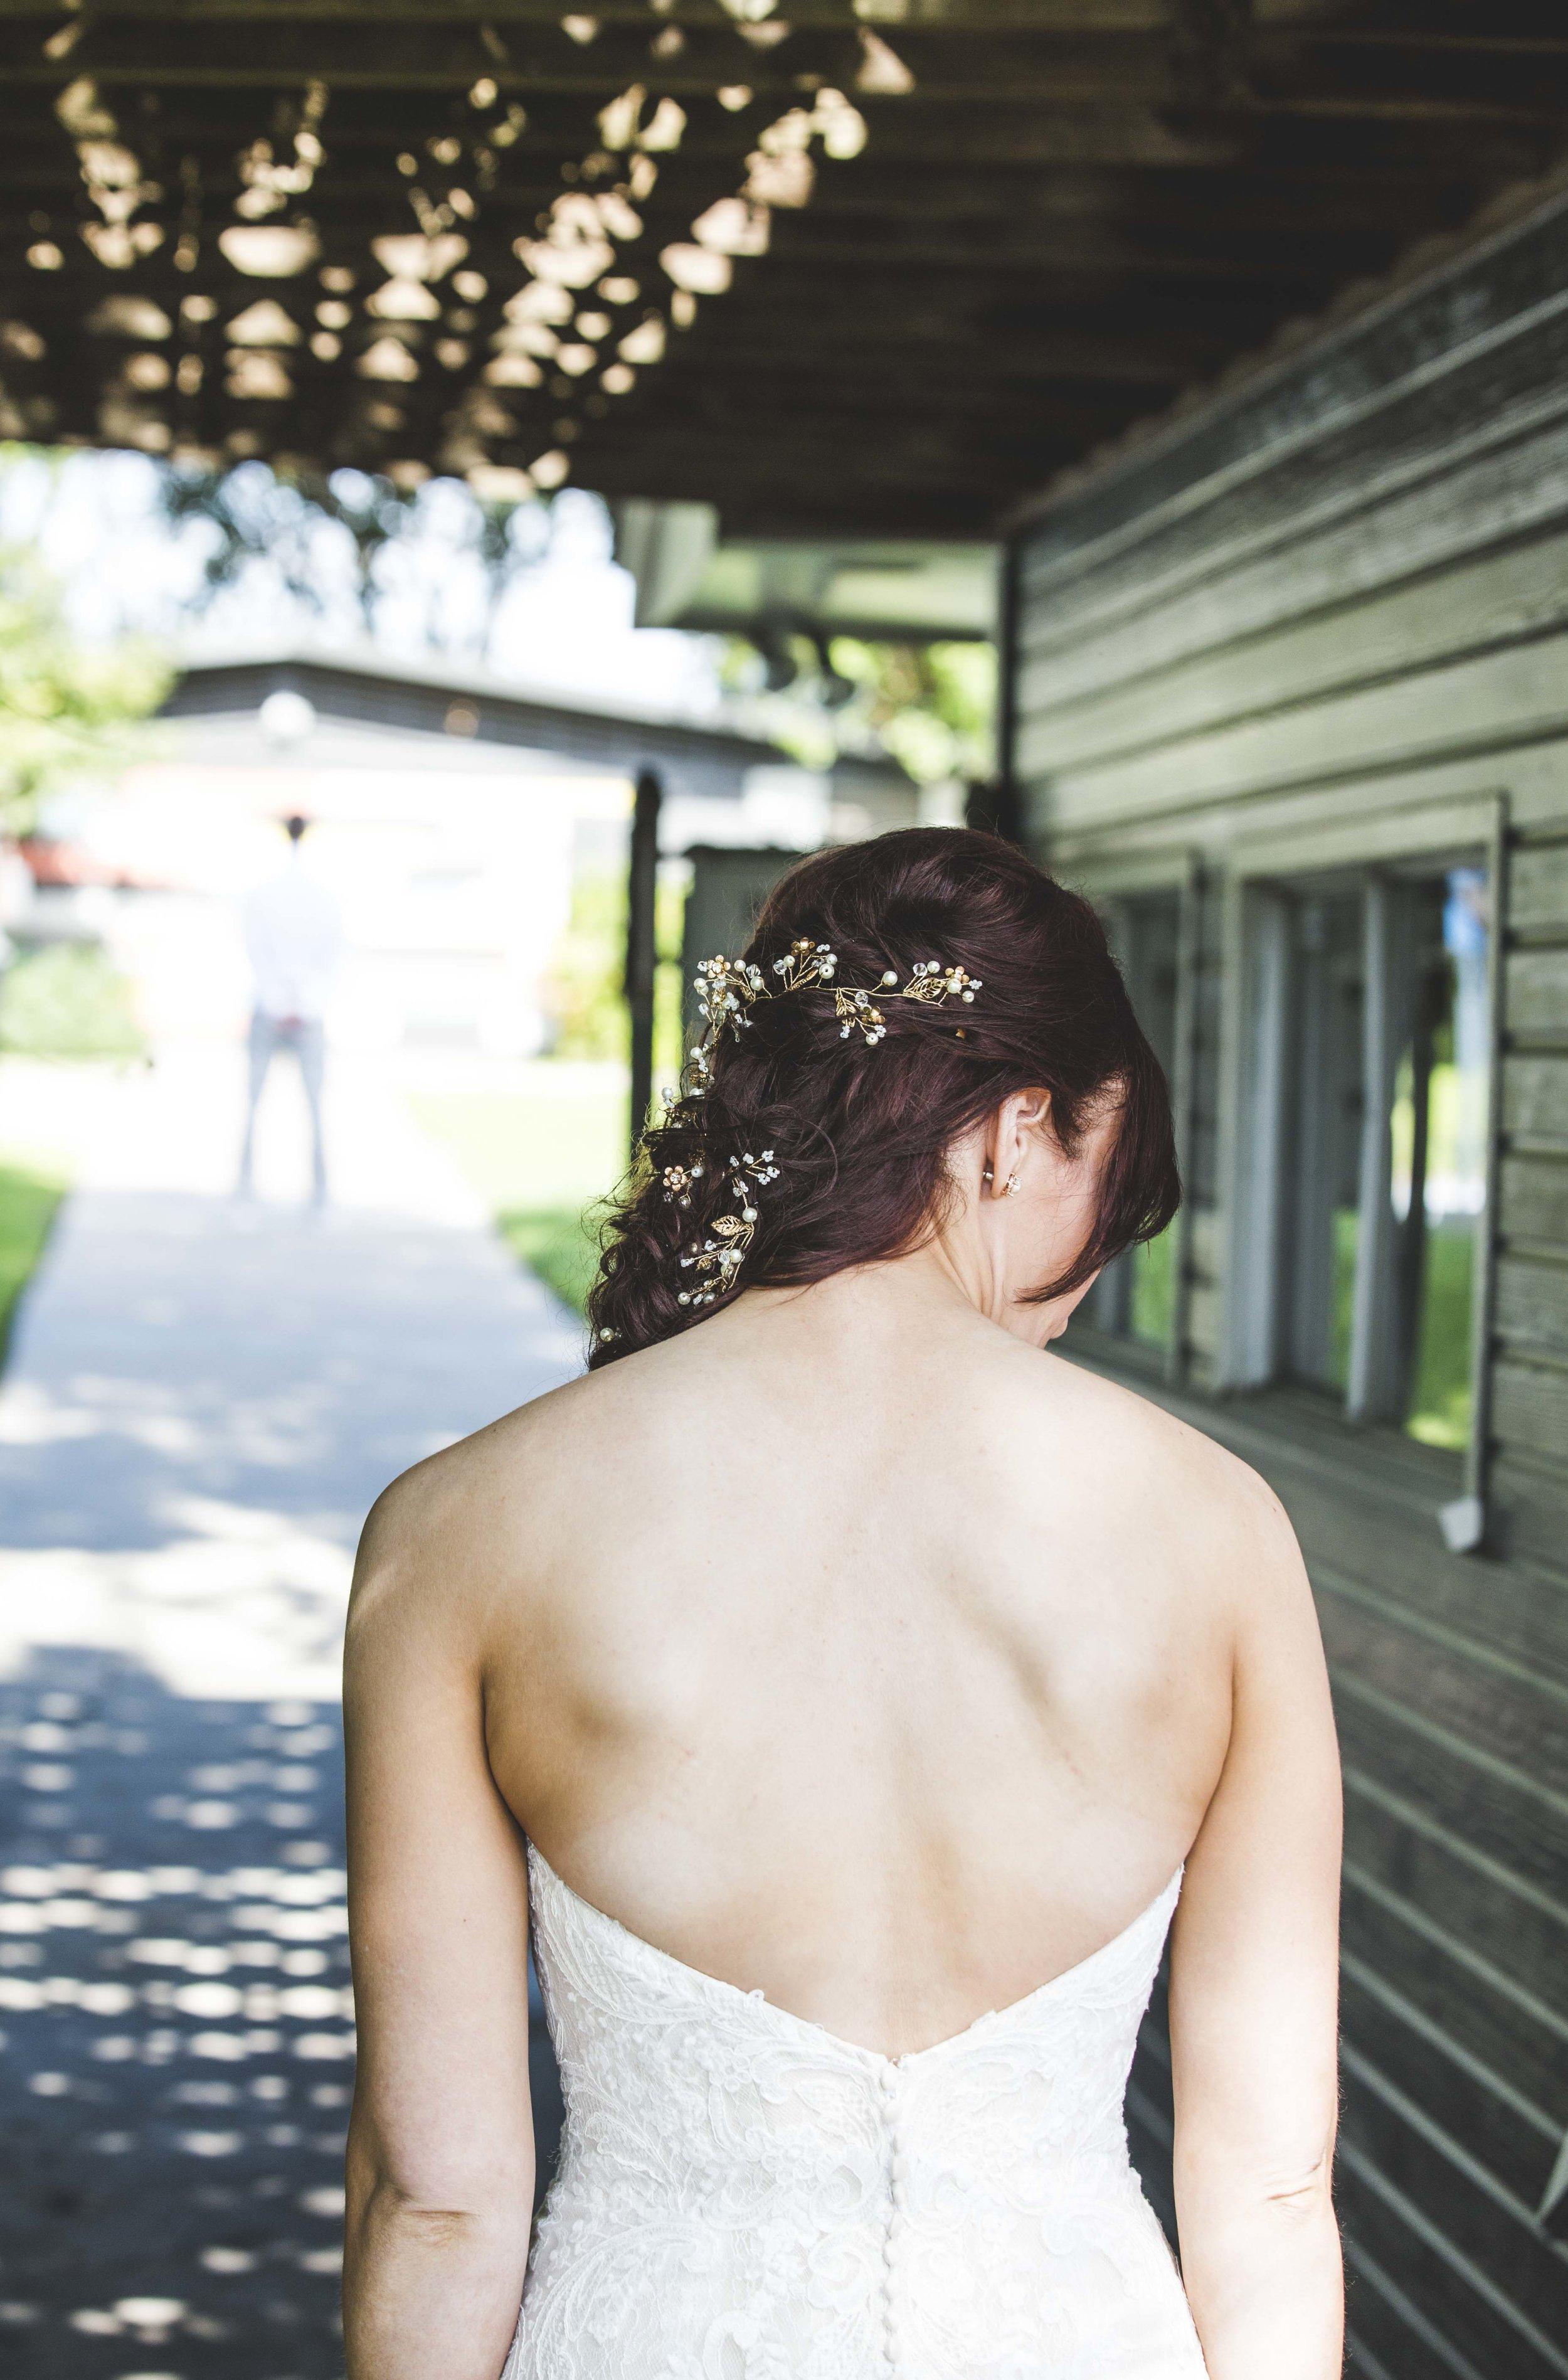 ATGI_Susanna & Matt Wedding_717A7256.jpg